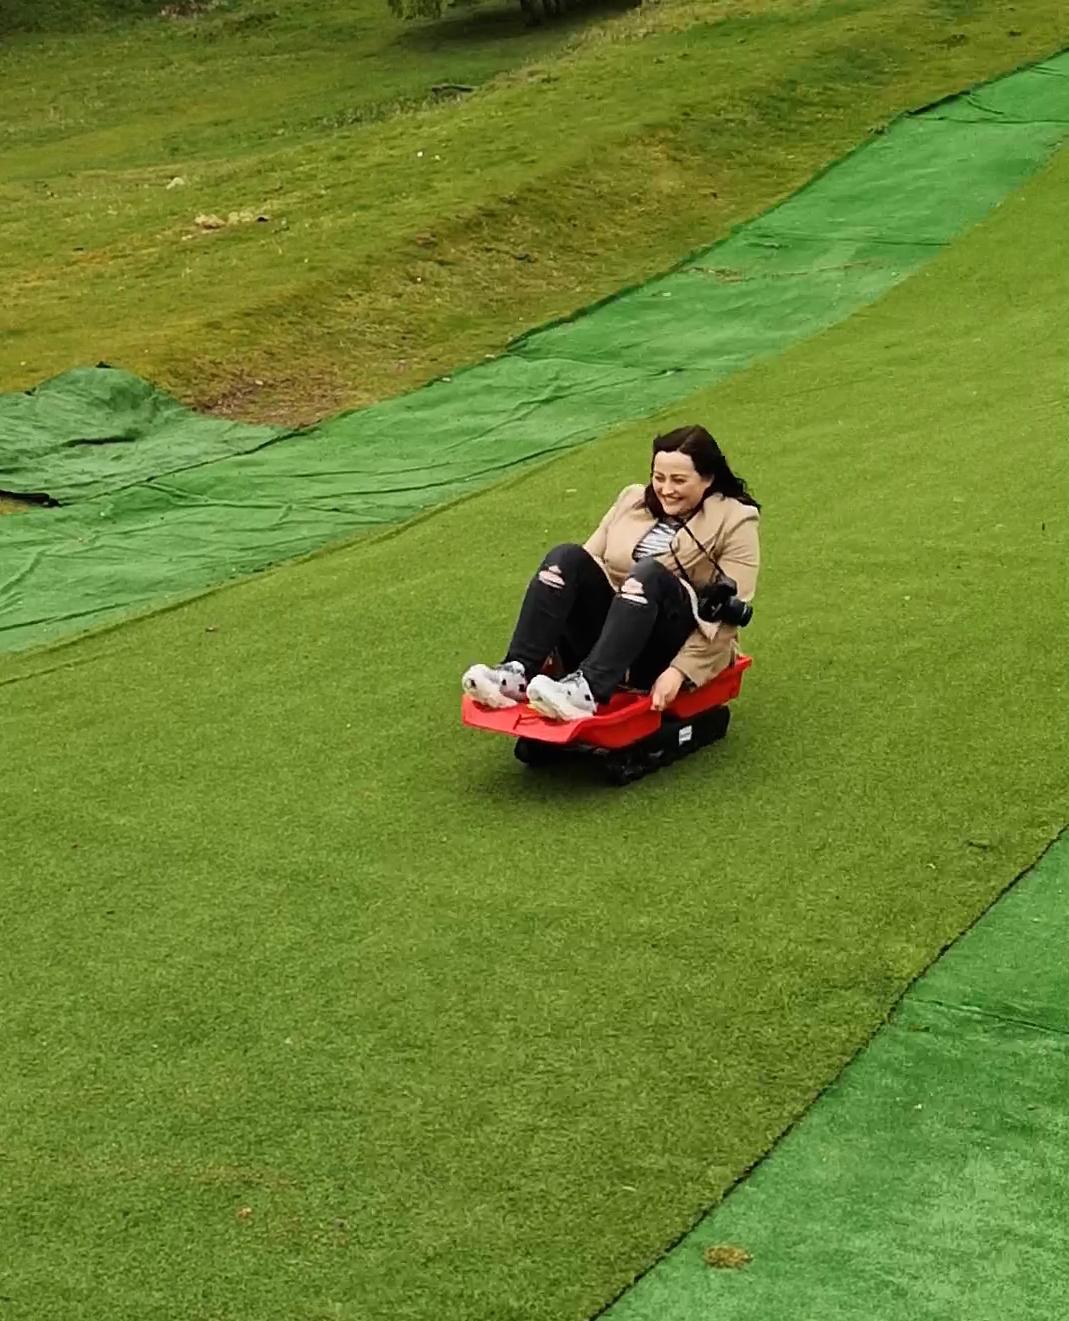 karen grass sledging.jpeg